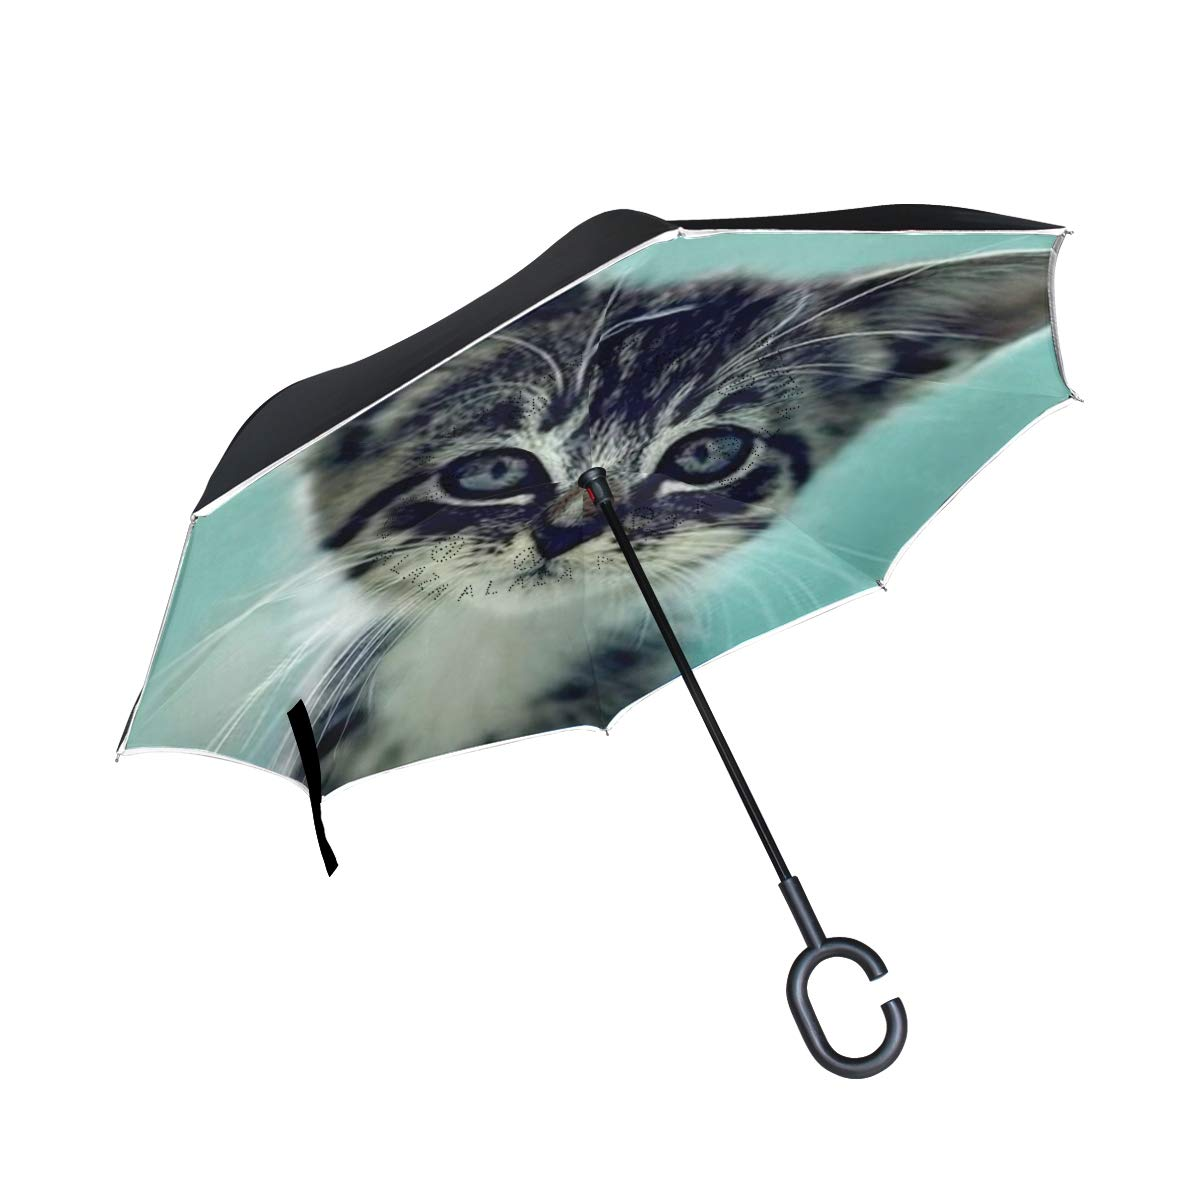 Ladninag 逆傘 猫の足 逆さ傘 リバーシブル ゴルフ 車 旅行 雨 アウトドア ブラック One Size picture6 B07JYVJ8MG